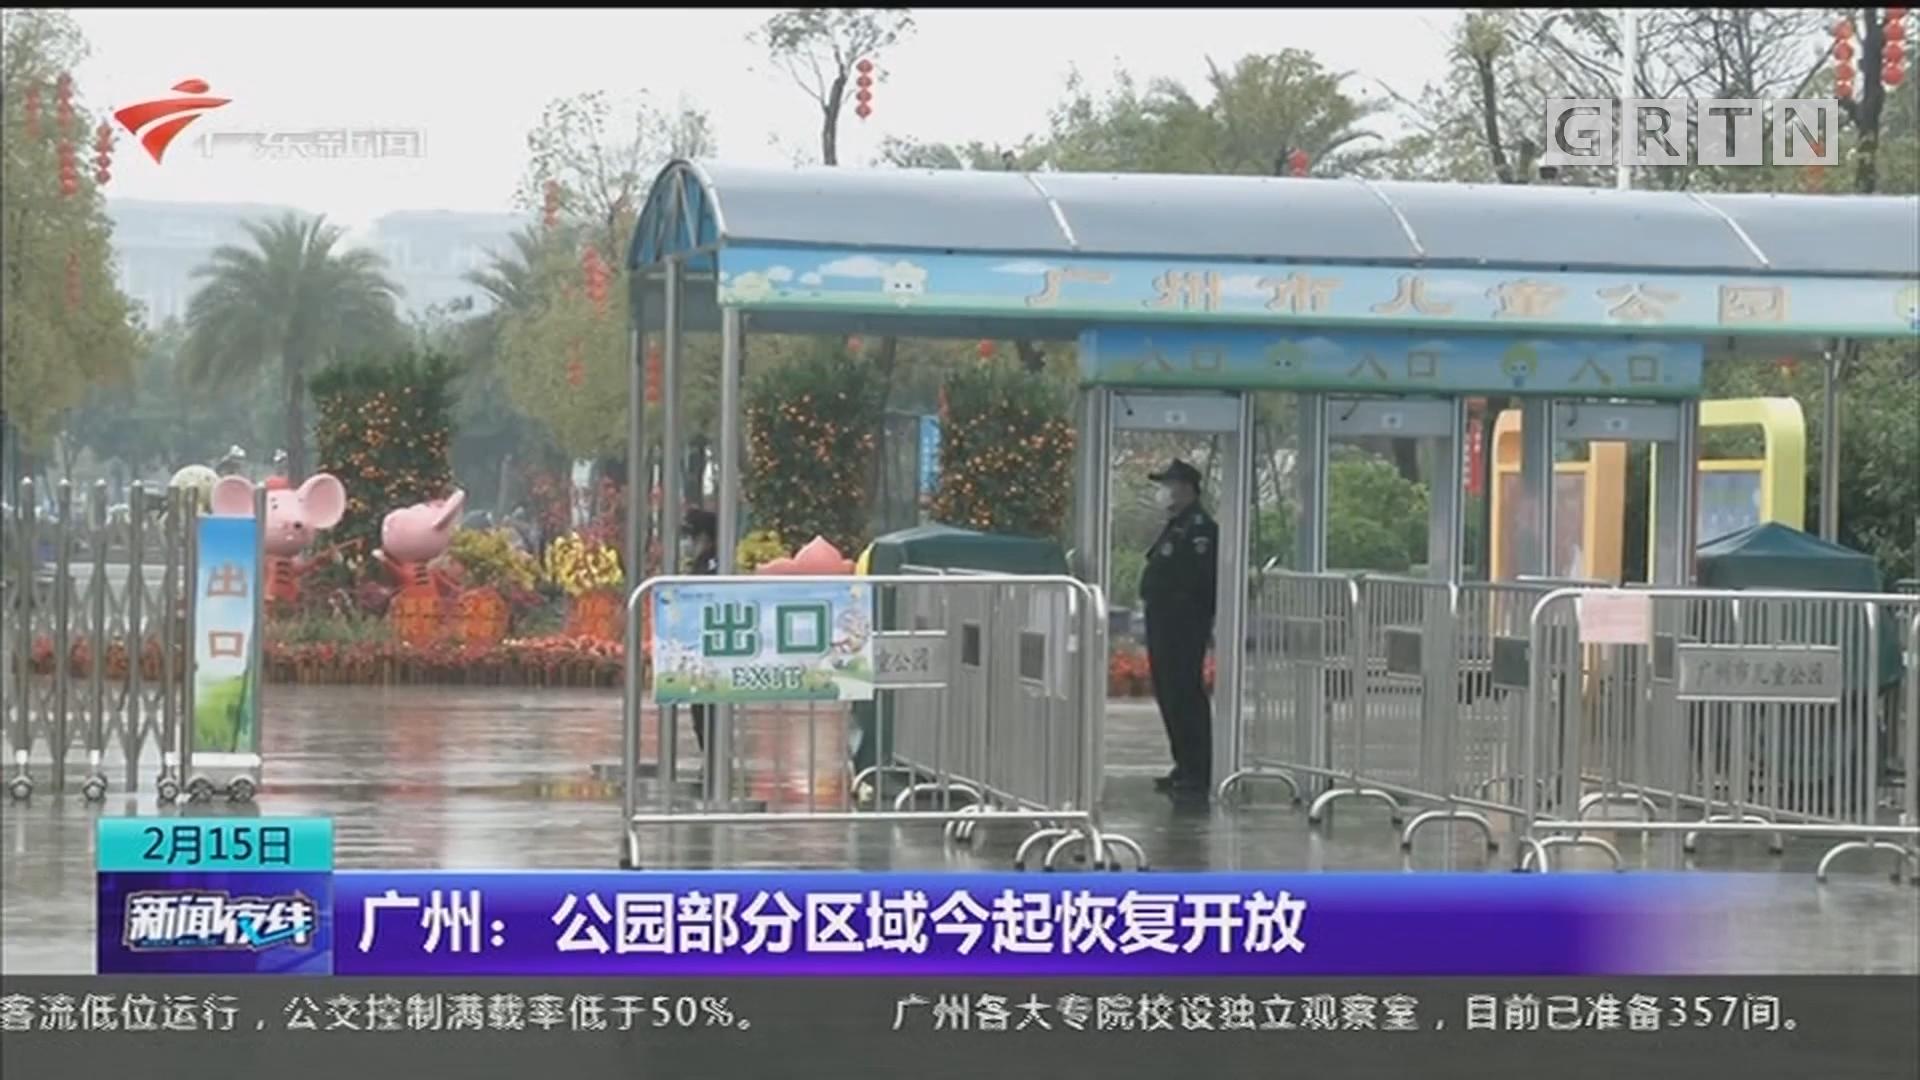 广州:公园部分区域今起恢复开放